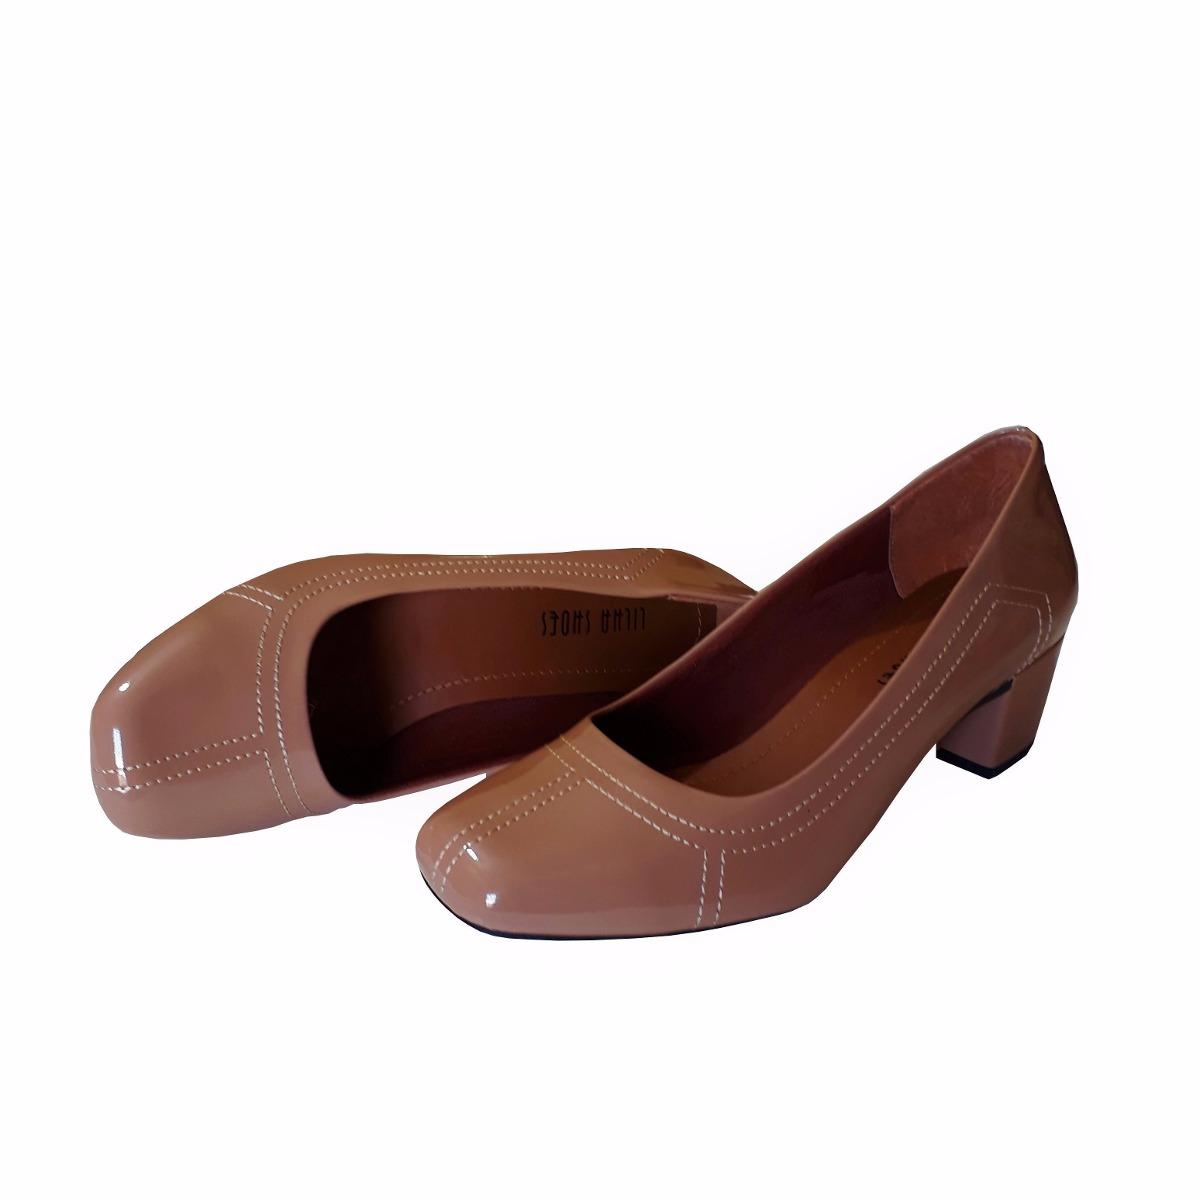 b9f82fb1a5 sapato feminino nude verniz salto baixo grosso boneca social. Carregando  zoom.